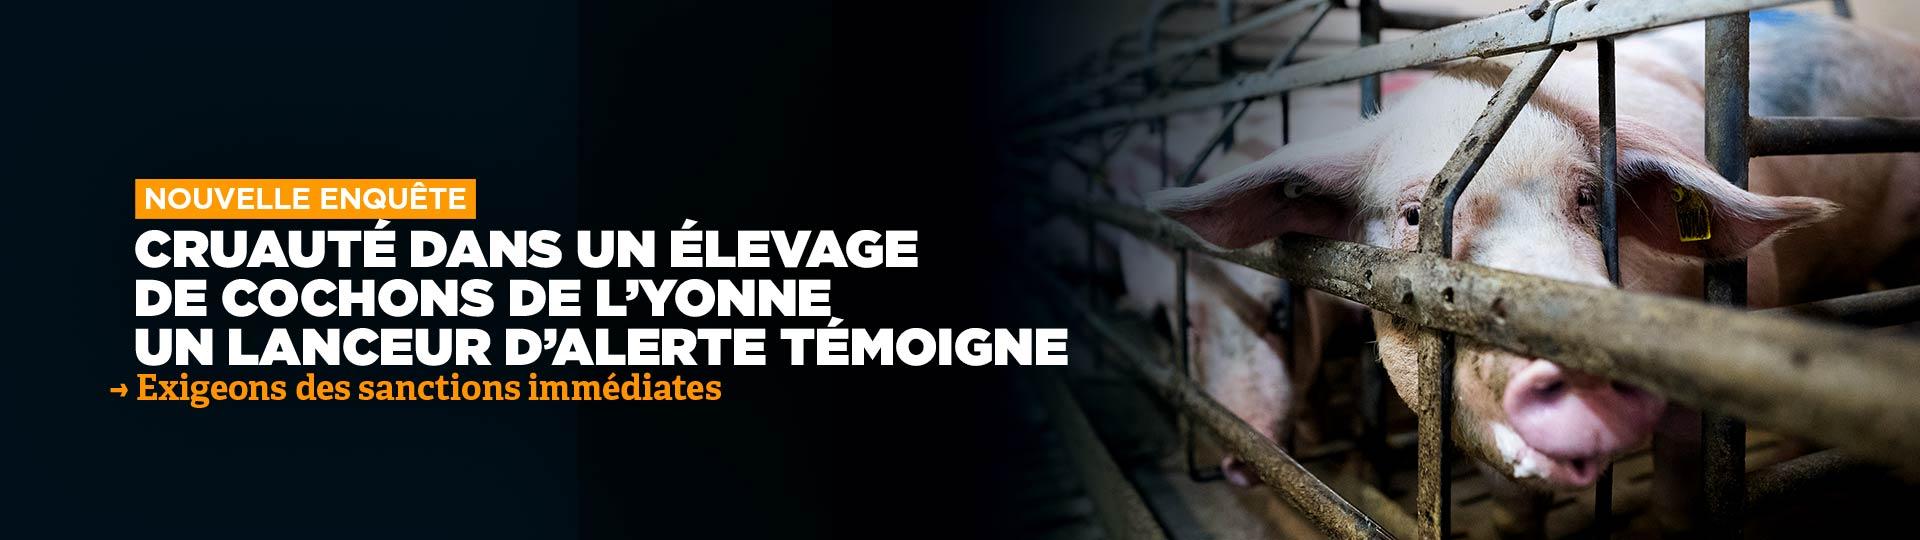 Cruauté dans un élevage de L'Yonne